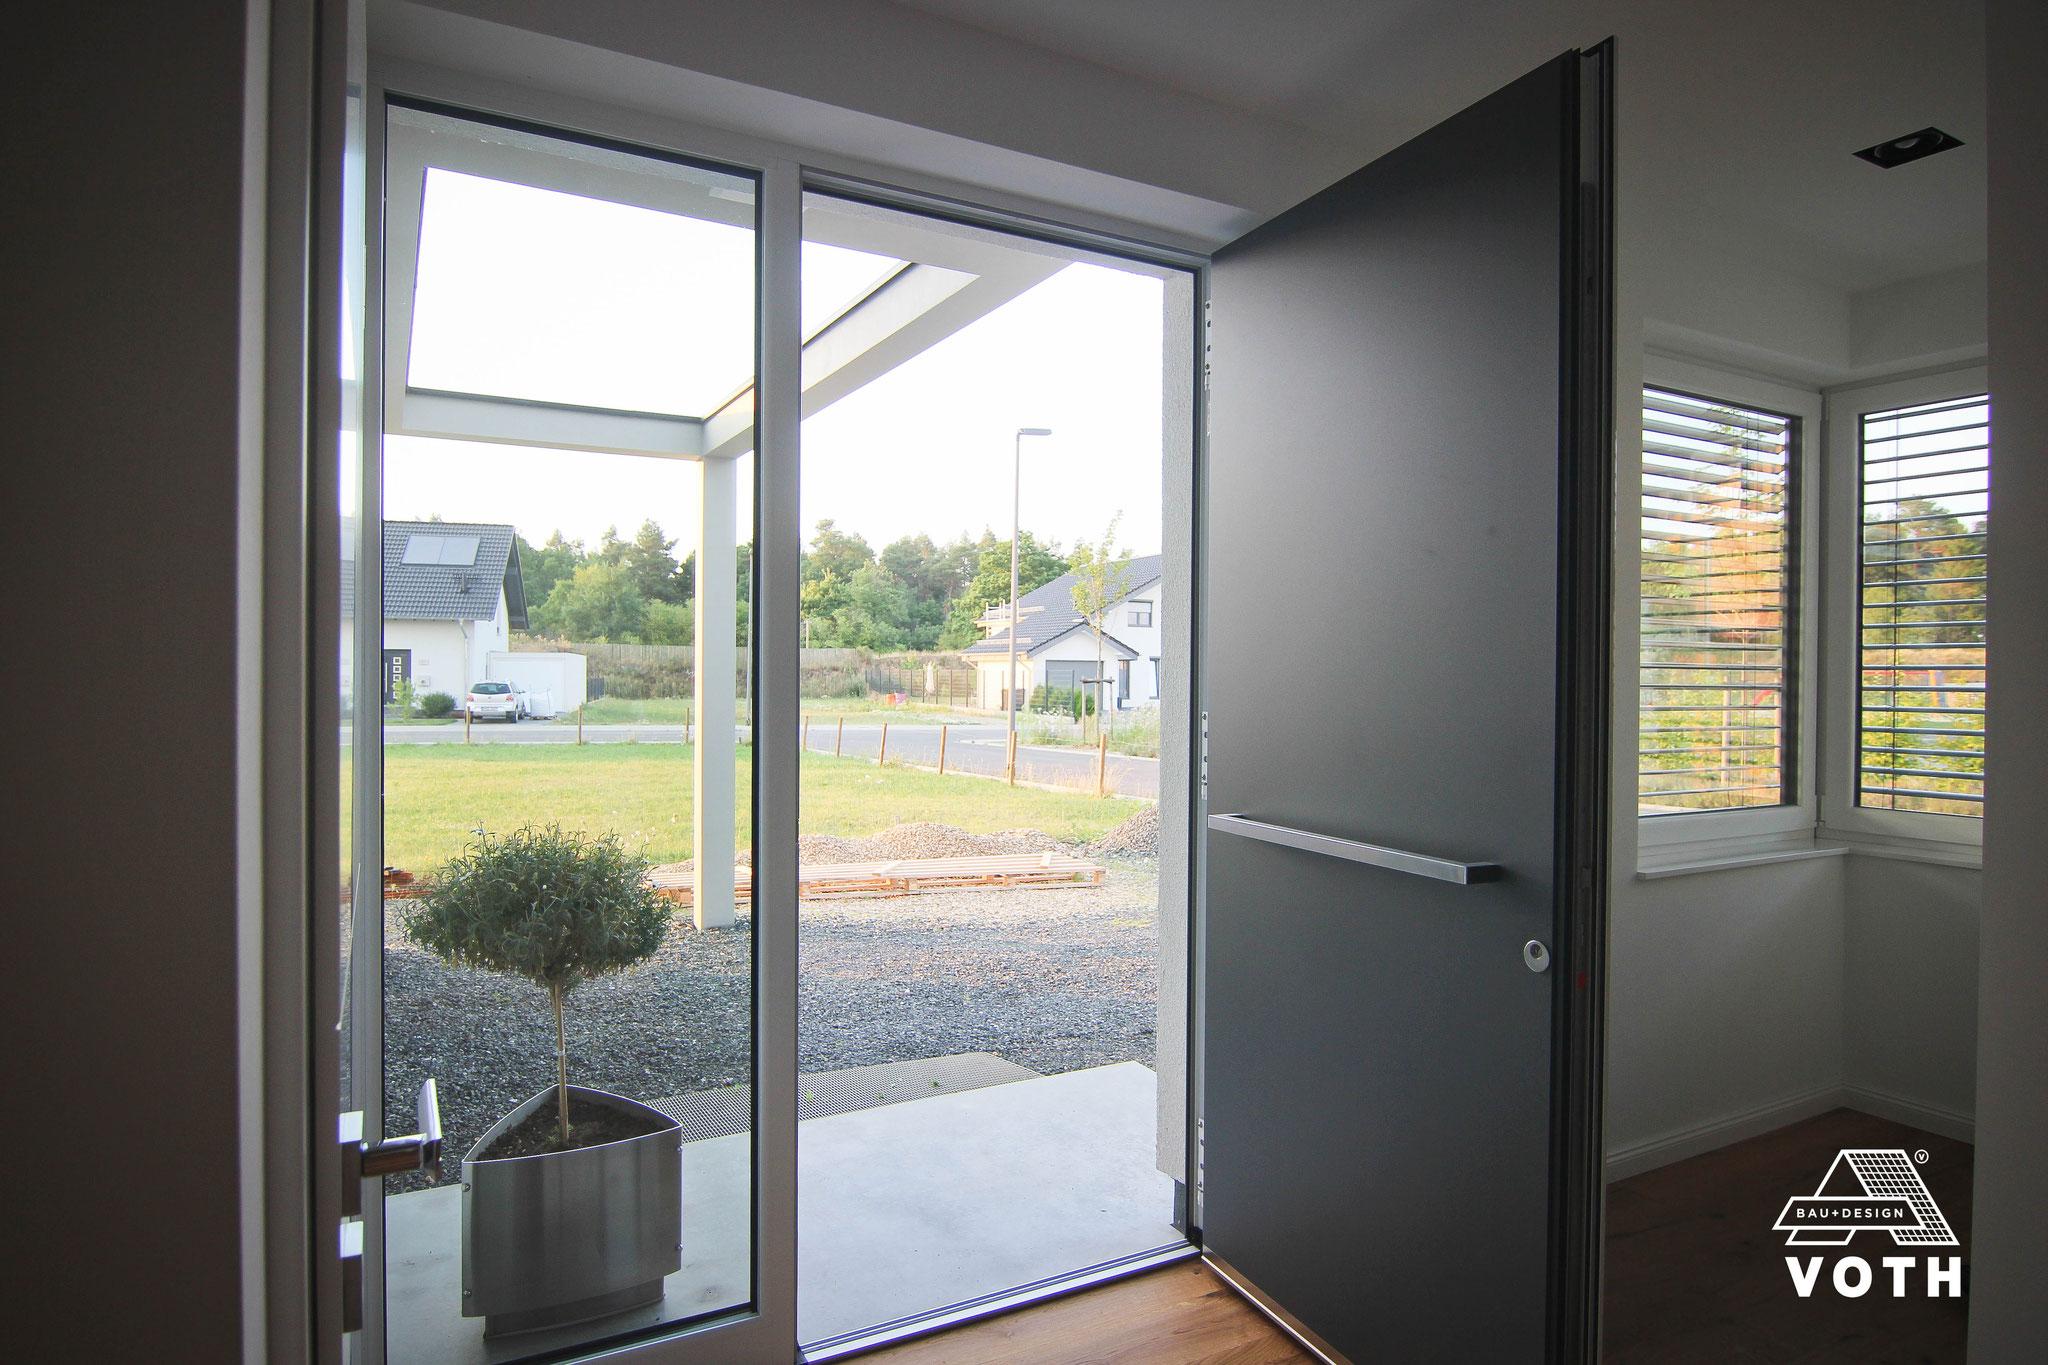 Aluminium Haustüren in Düren kaufen - Flügelüberdeckend innen und außen!